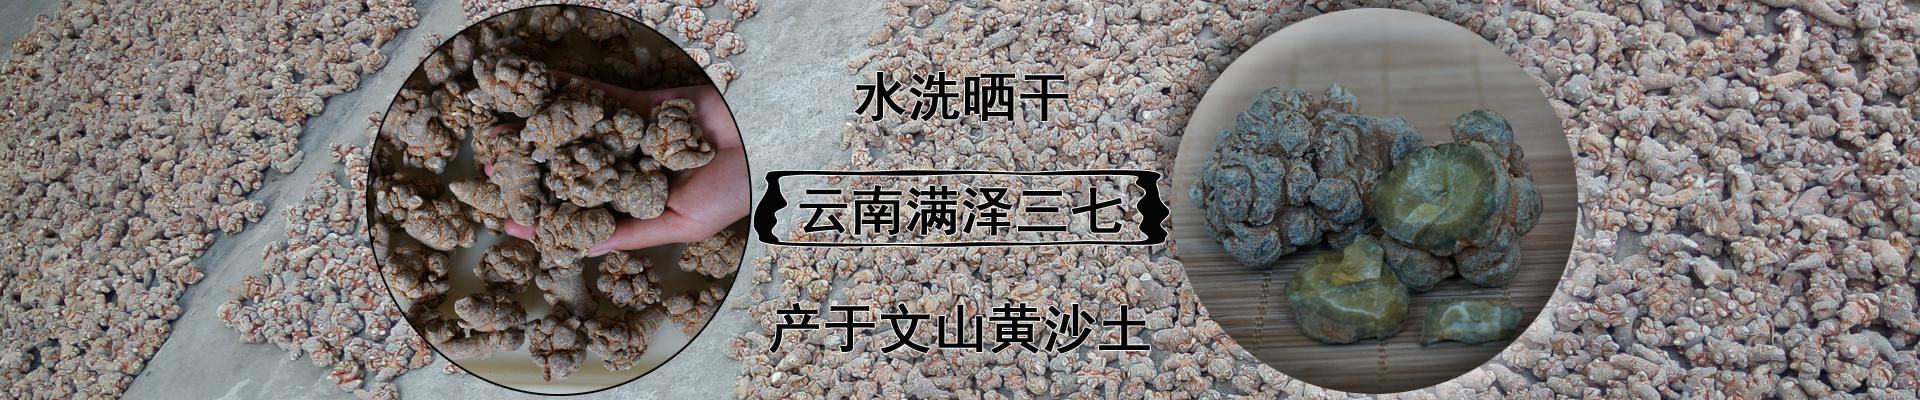 云南满泽生物科技有限公司